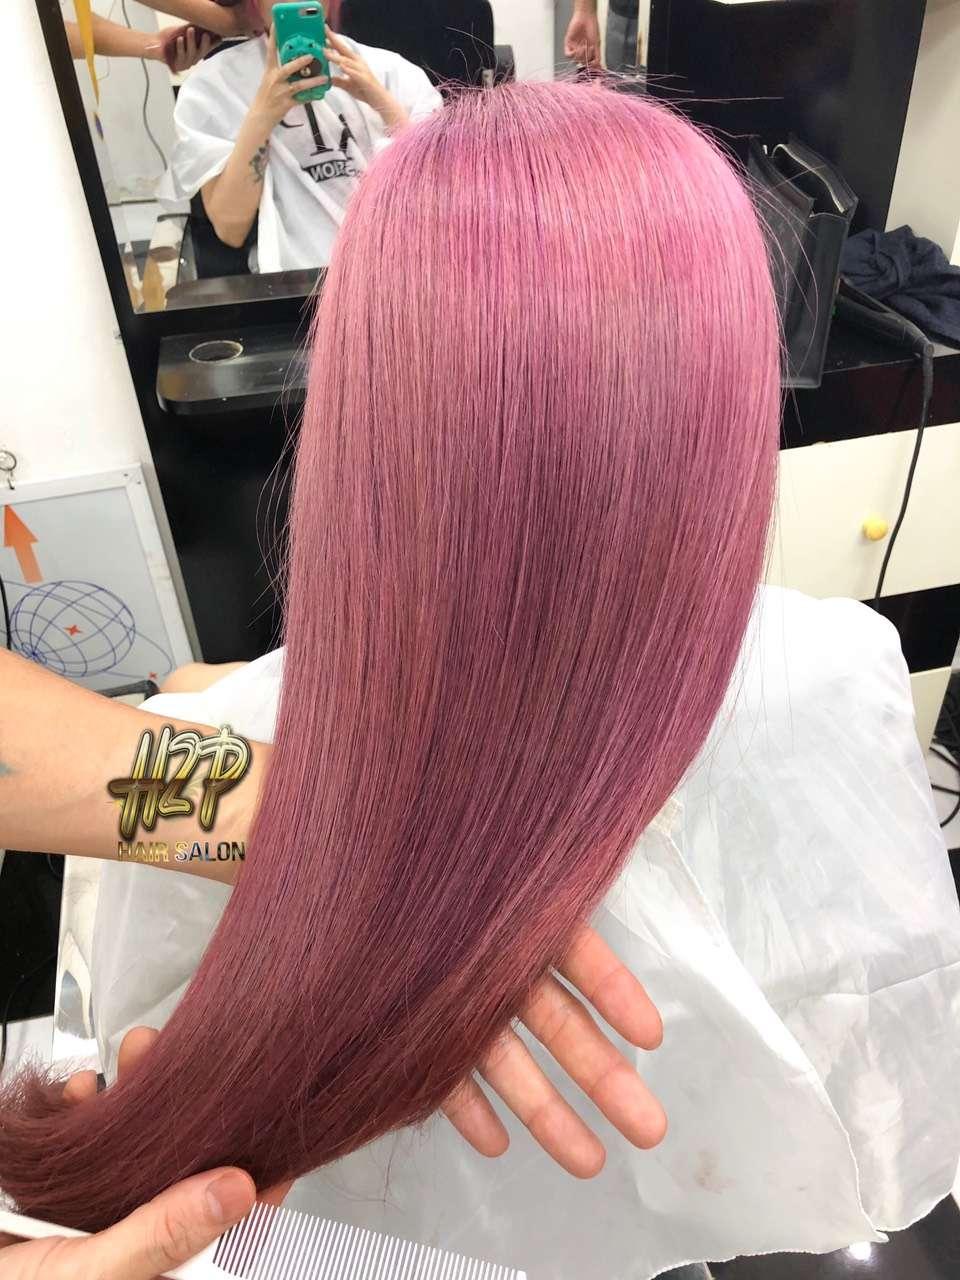 HAIR SALON H2P